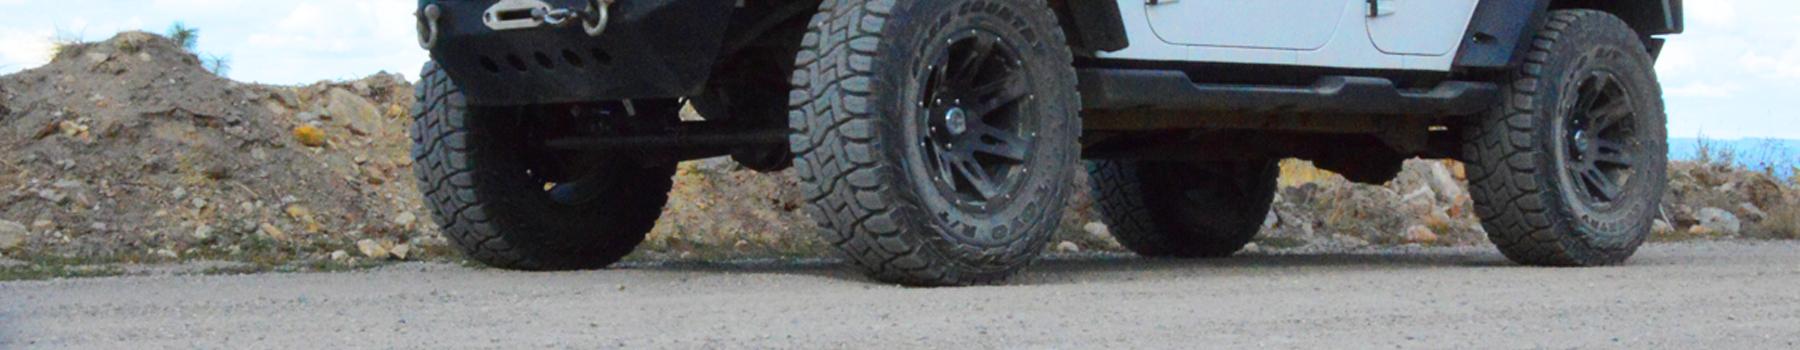 photo d'ouverture d'un pneu robuste sur et hors route